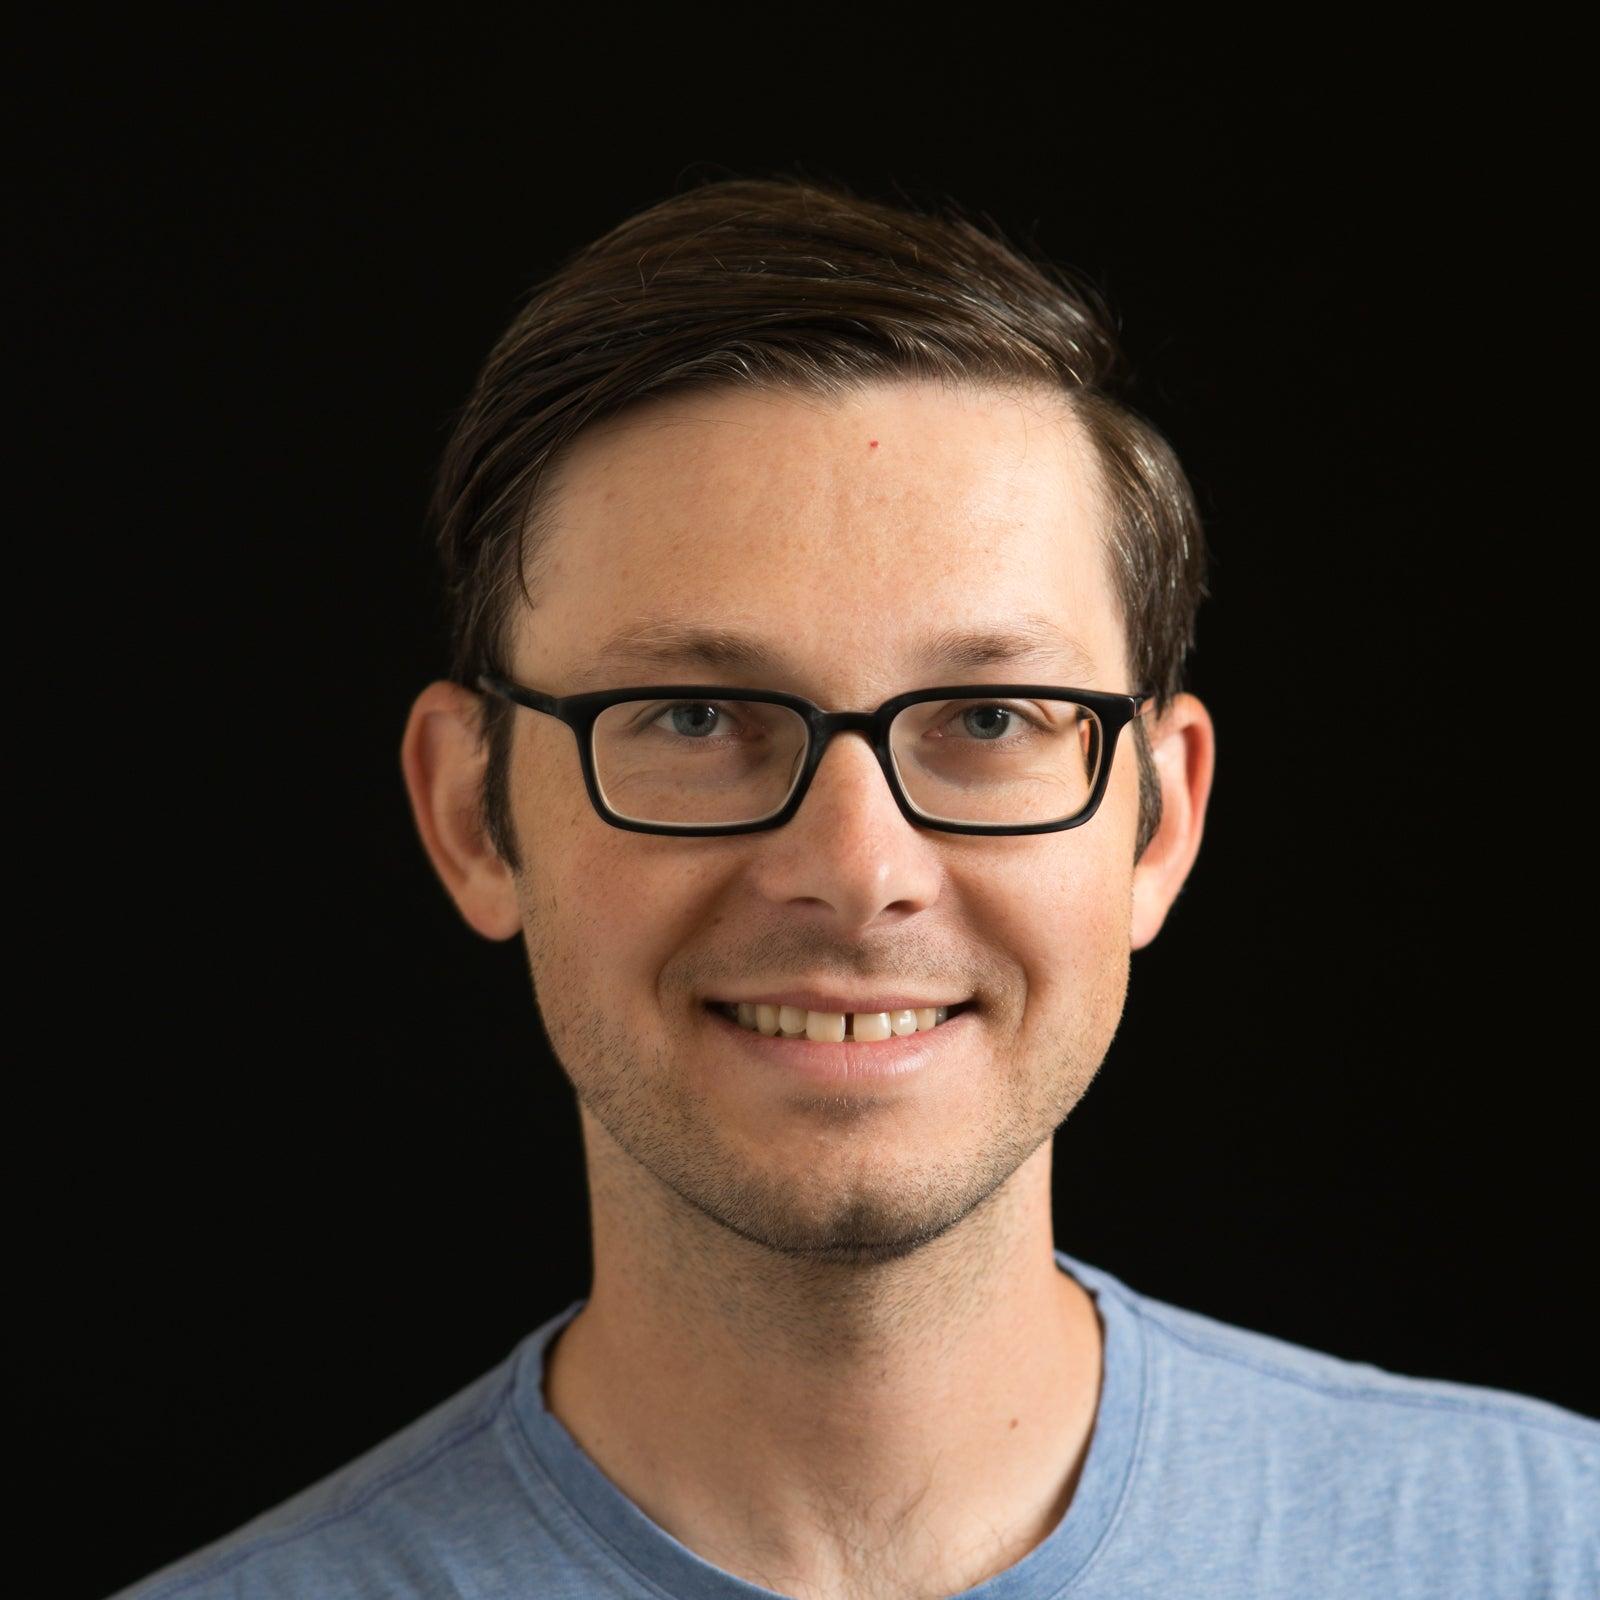 Alex Pesterev